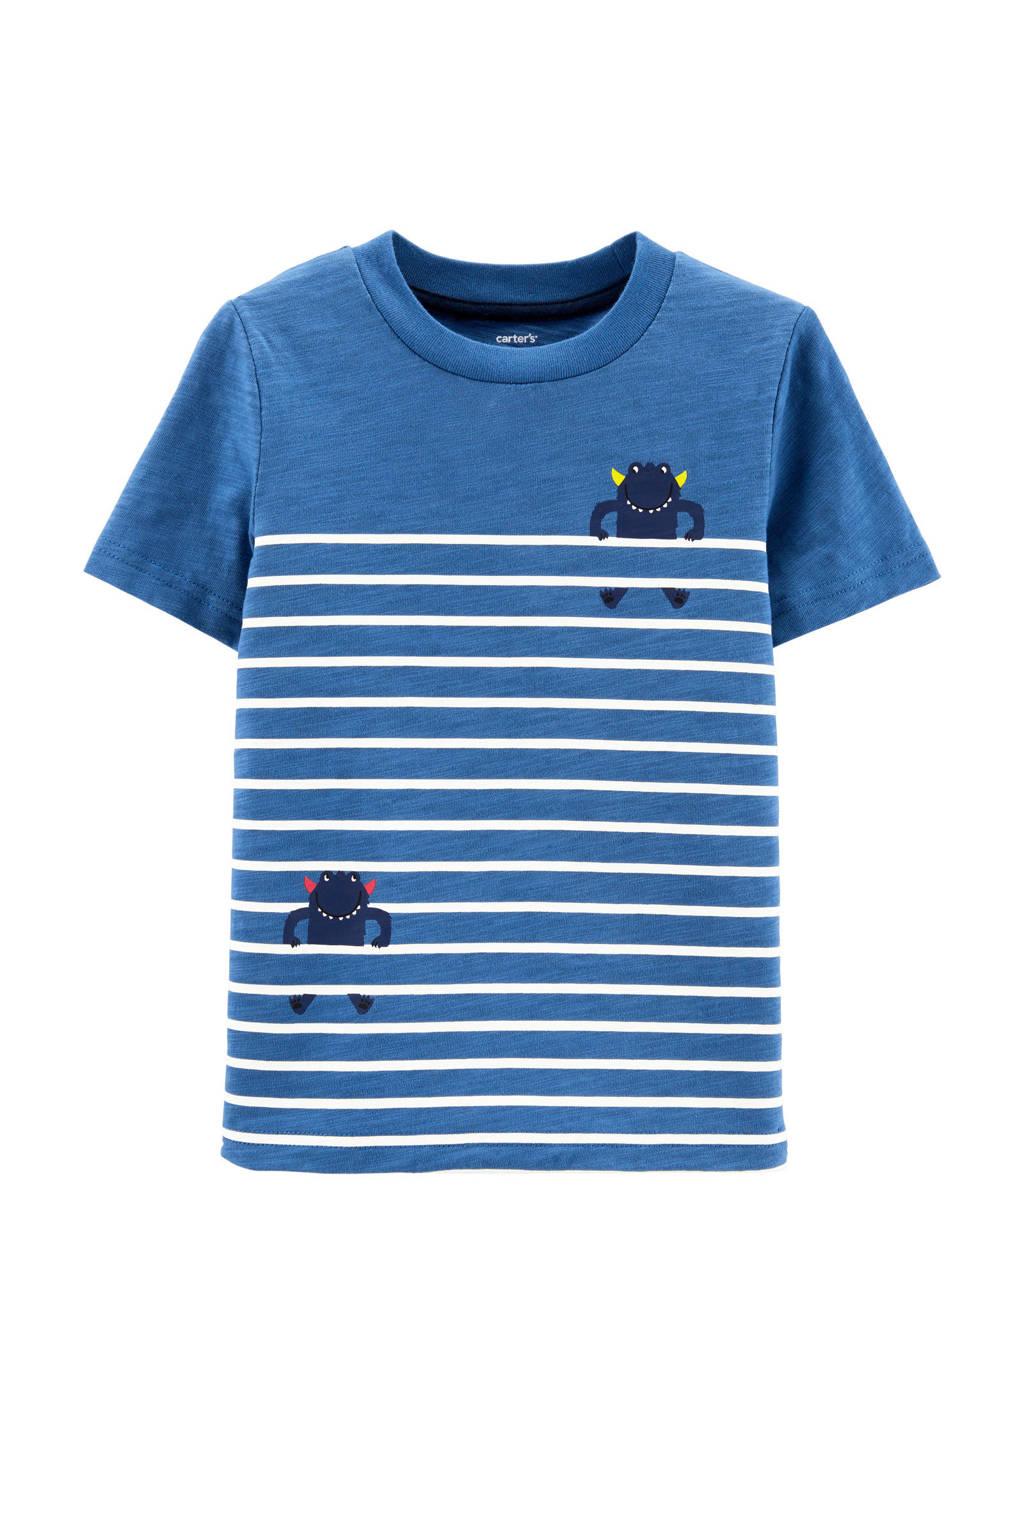 Carter's baby gestreept T-shirt blauw/wit, Blauw/wit